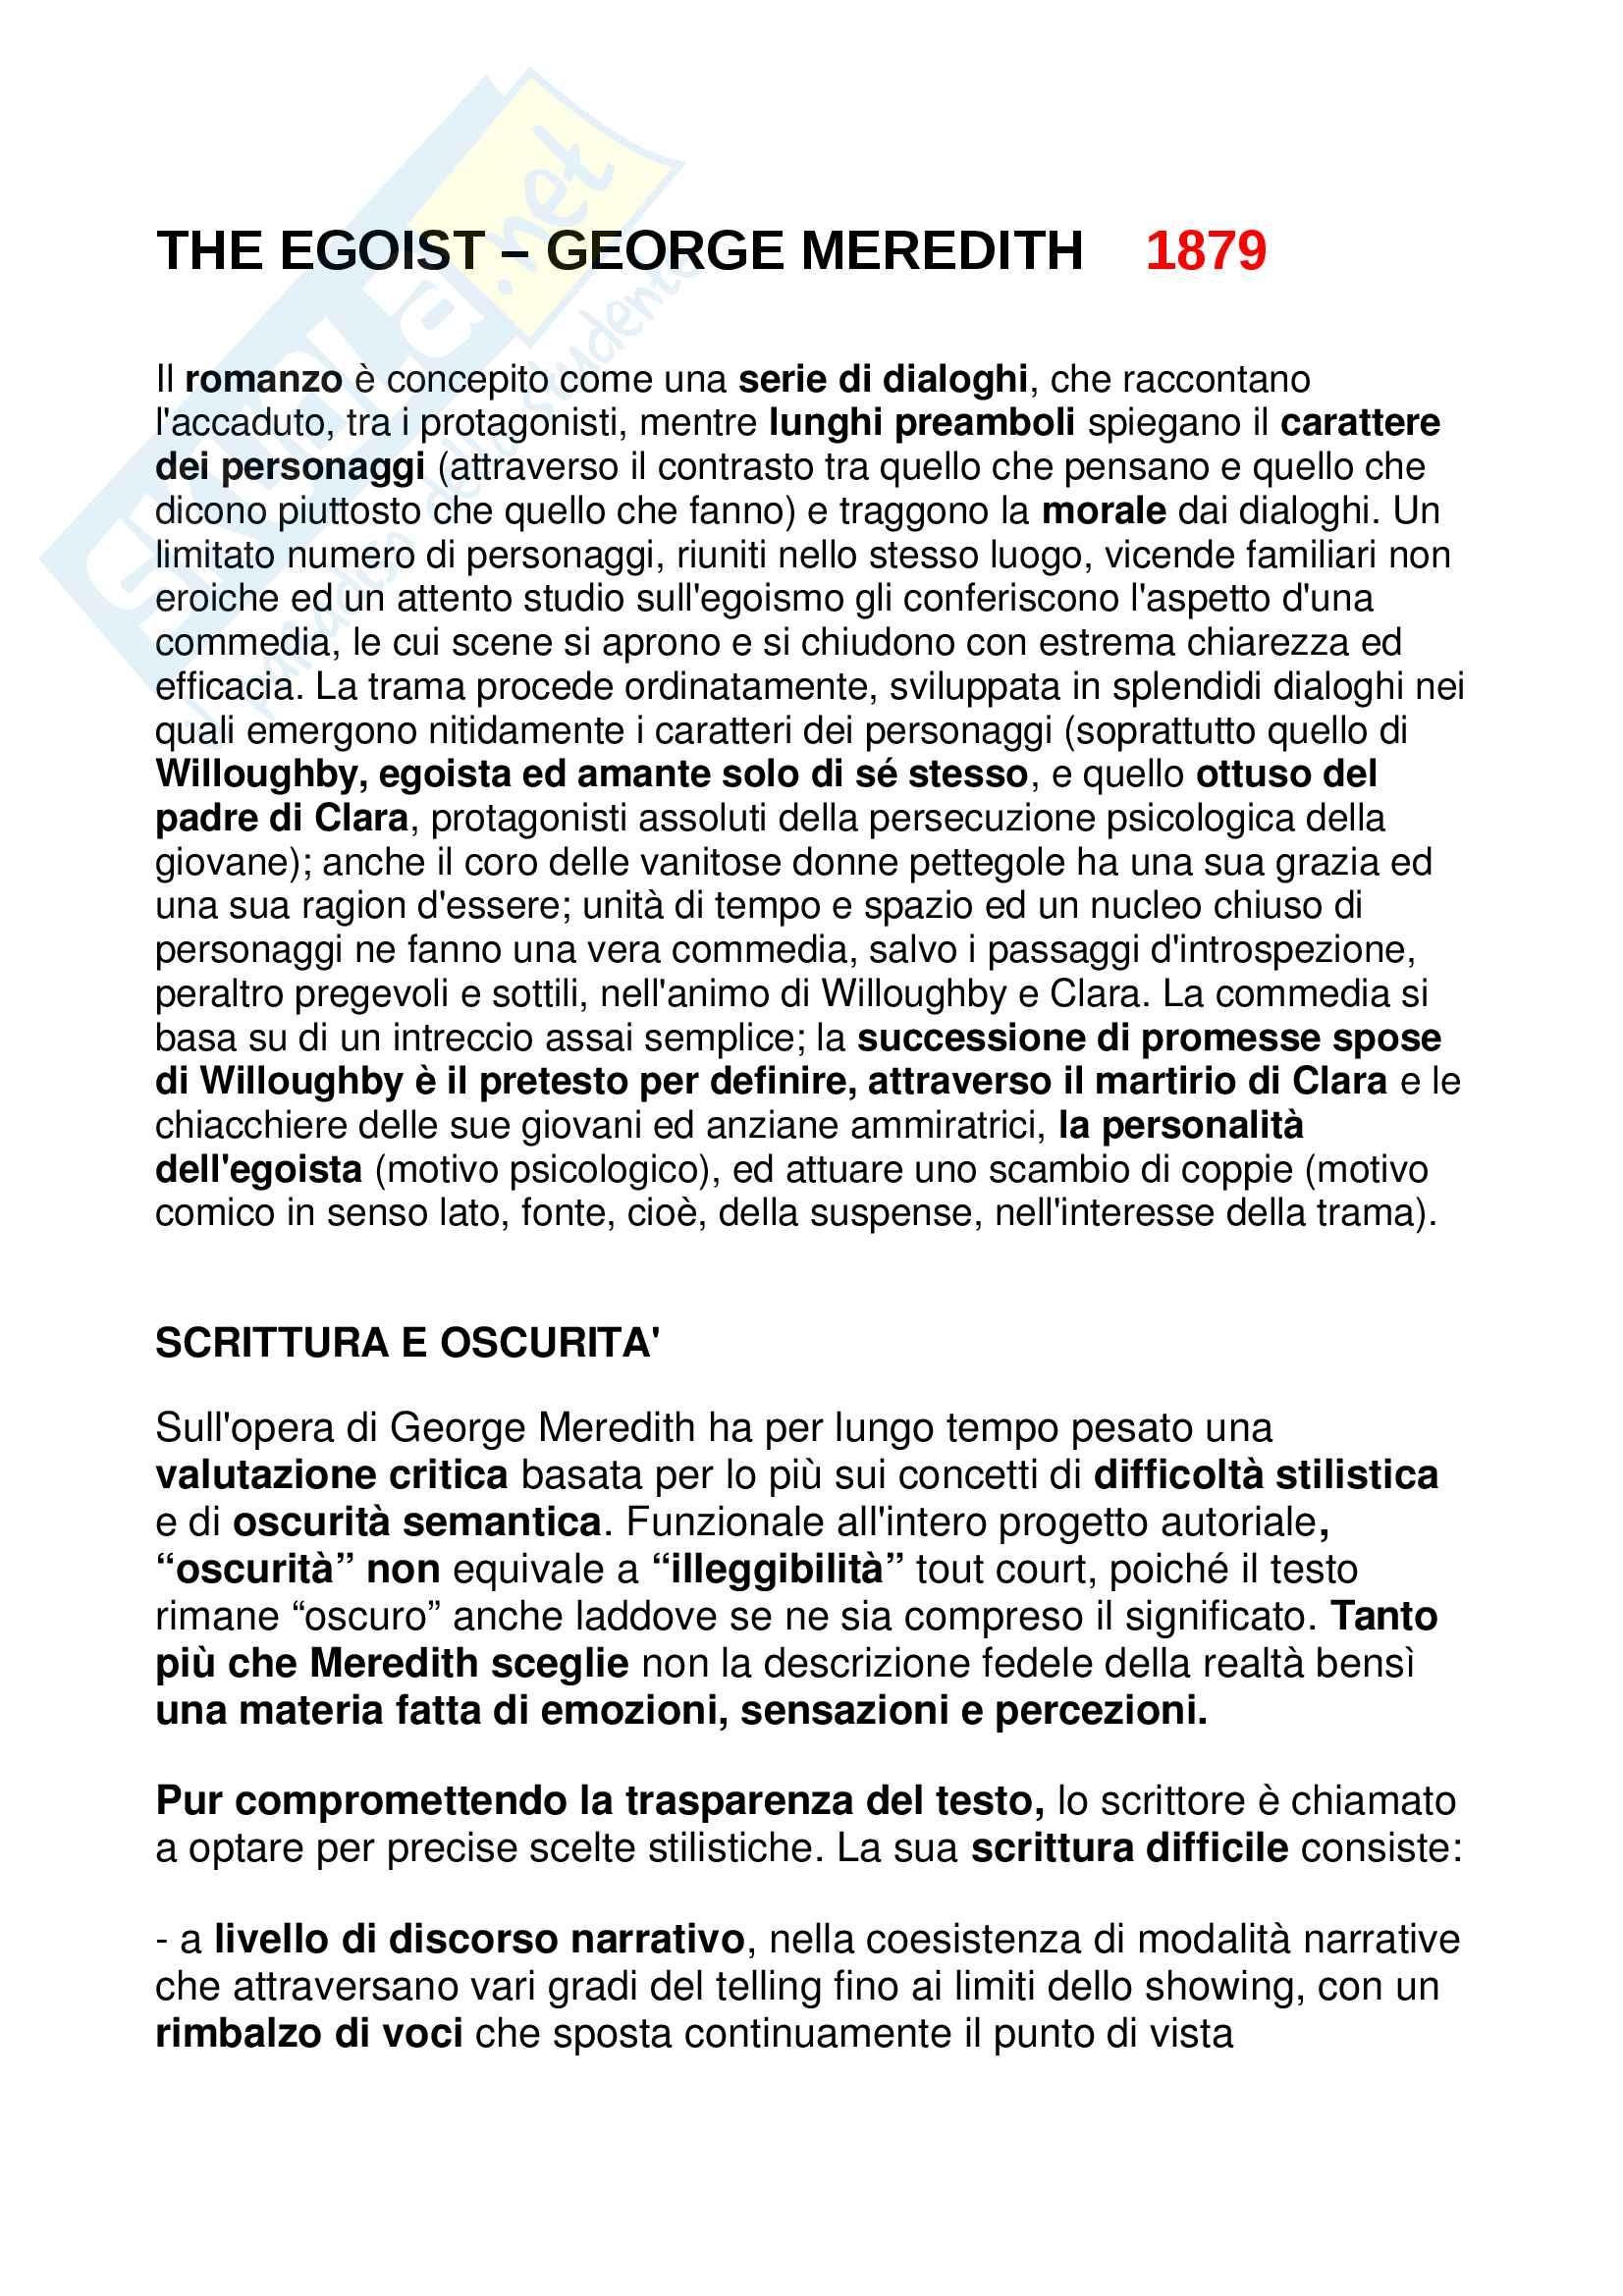 The Egoist analisi sintetica e completa di ogni aspetto + caratteristiche George Meredith